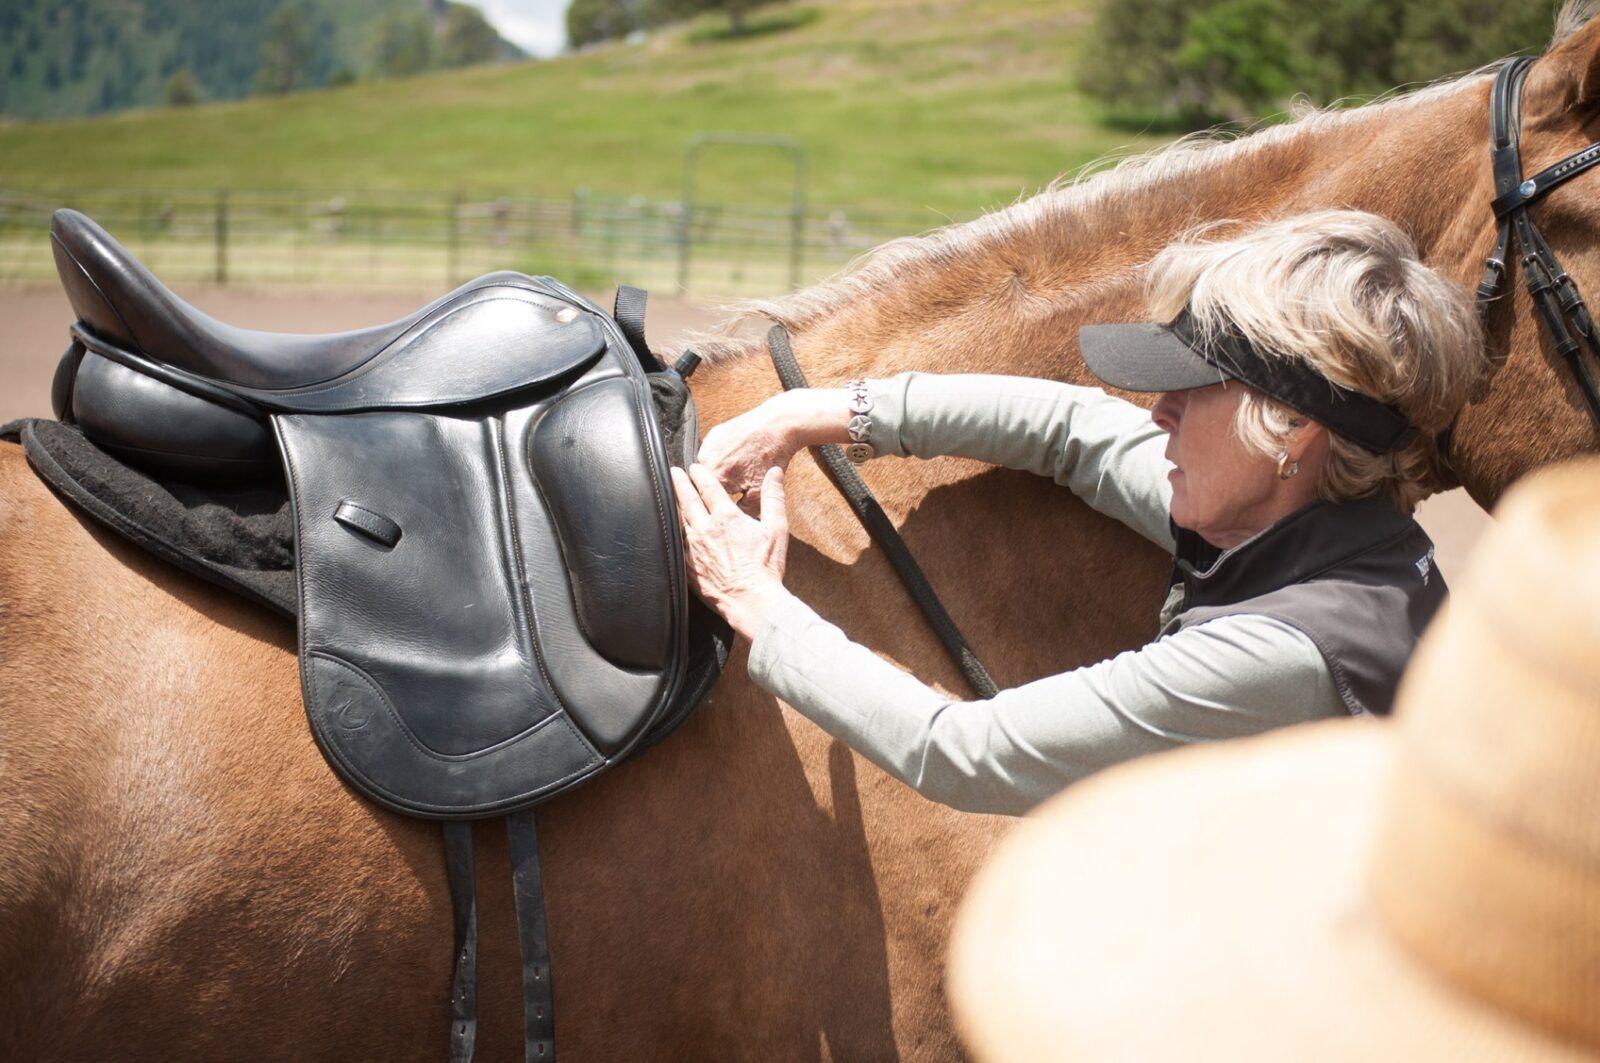 Letitia Glenn demonstrating shoulder/scapula clearance under a Glenn Secret Pro Dressage Saddle